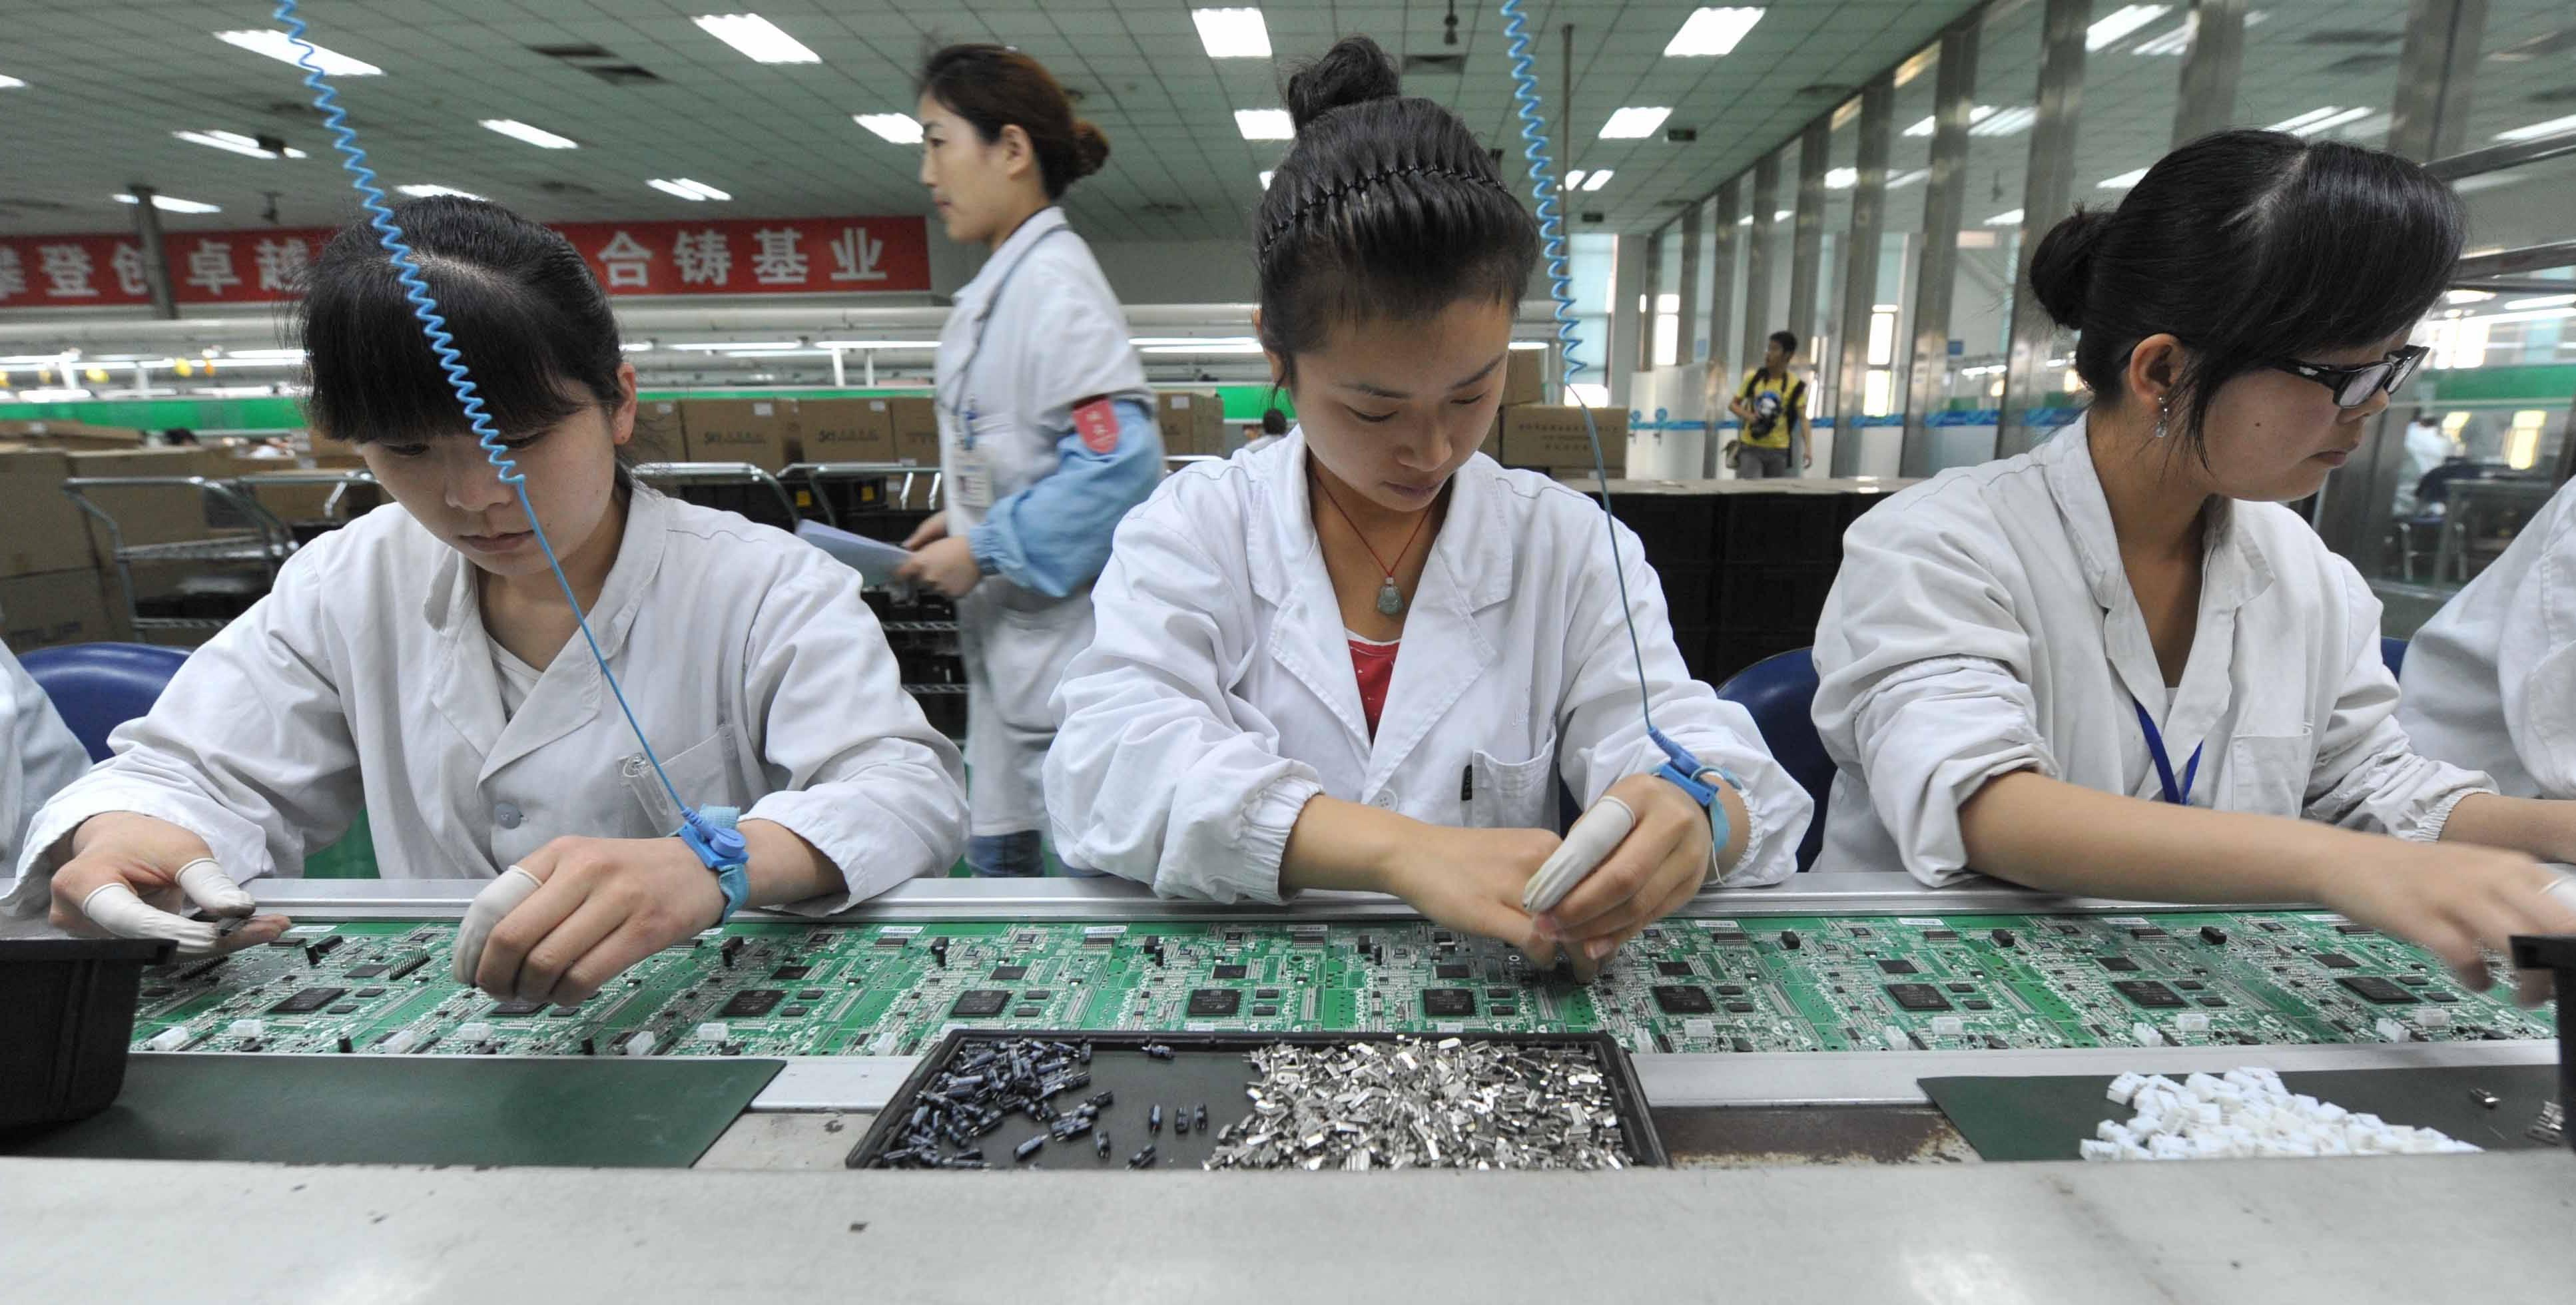 Особенности регистрации и ведения бизнеса в китайской народной республике